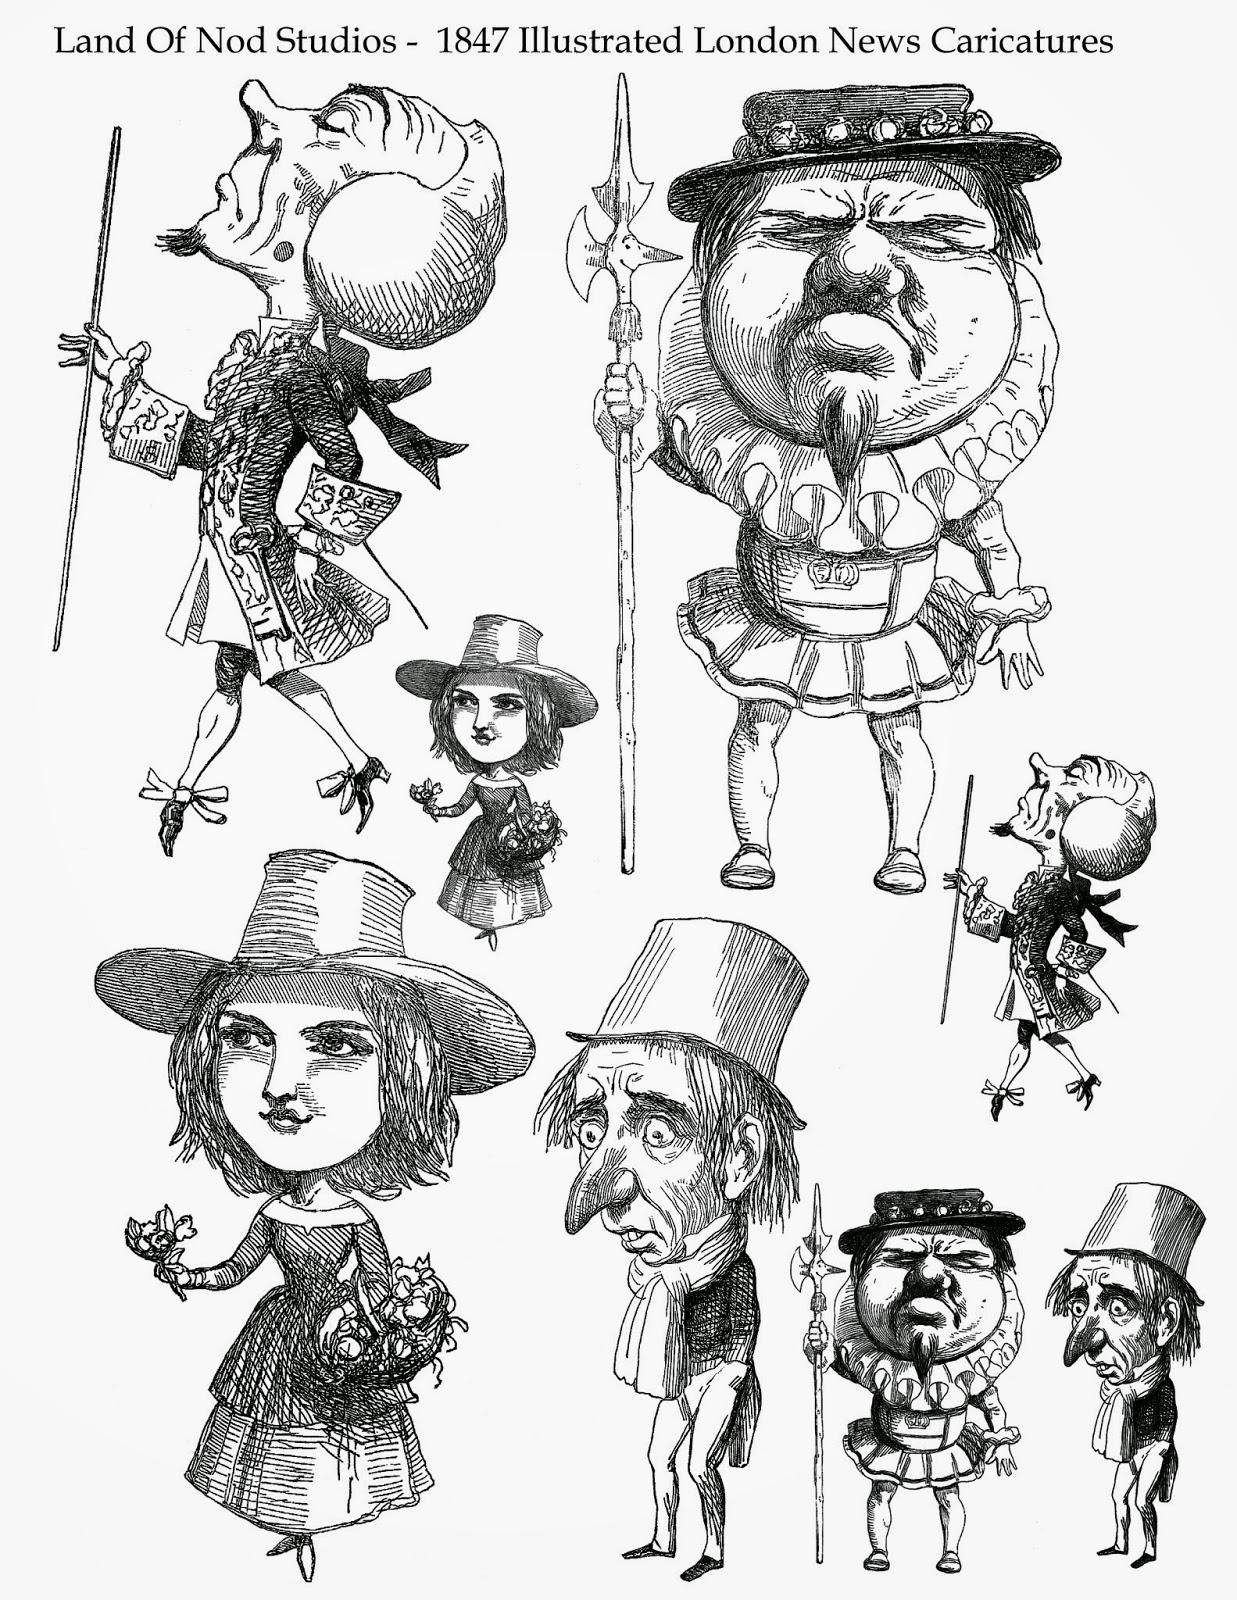 http://2.bp.blogspot.com/-C7lMFqx9vGY/VBLY-_9avaI/AAAAAAAAEqM/vXe_Cb5GHMg/s1600/caricature%2B1847%2Bcollage%2Bsheet%2Bcopy.jpg